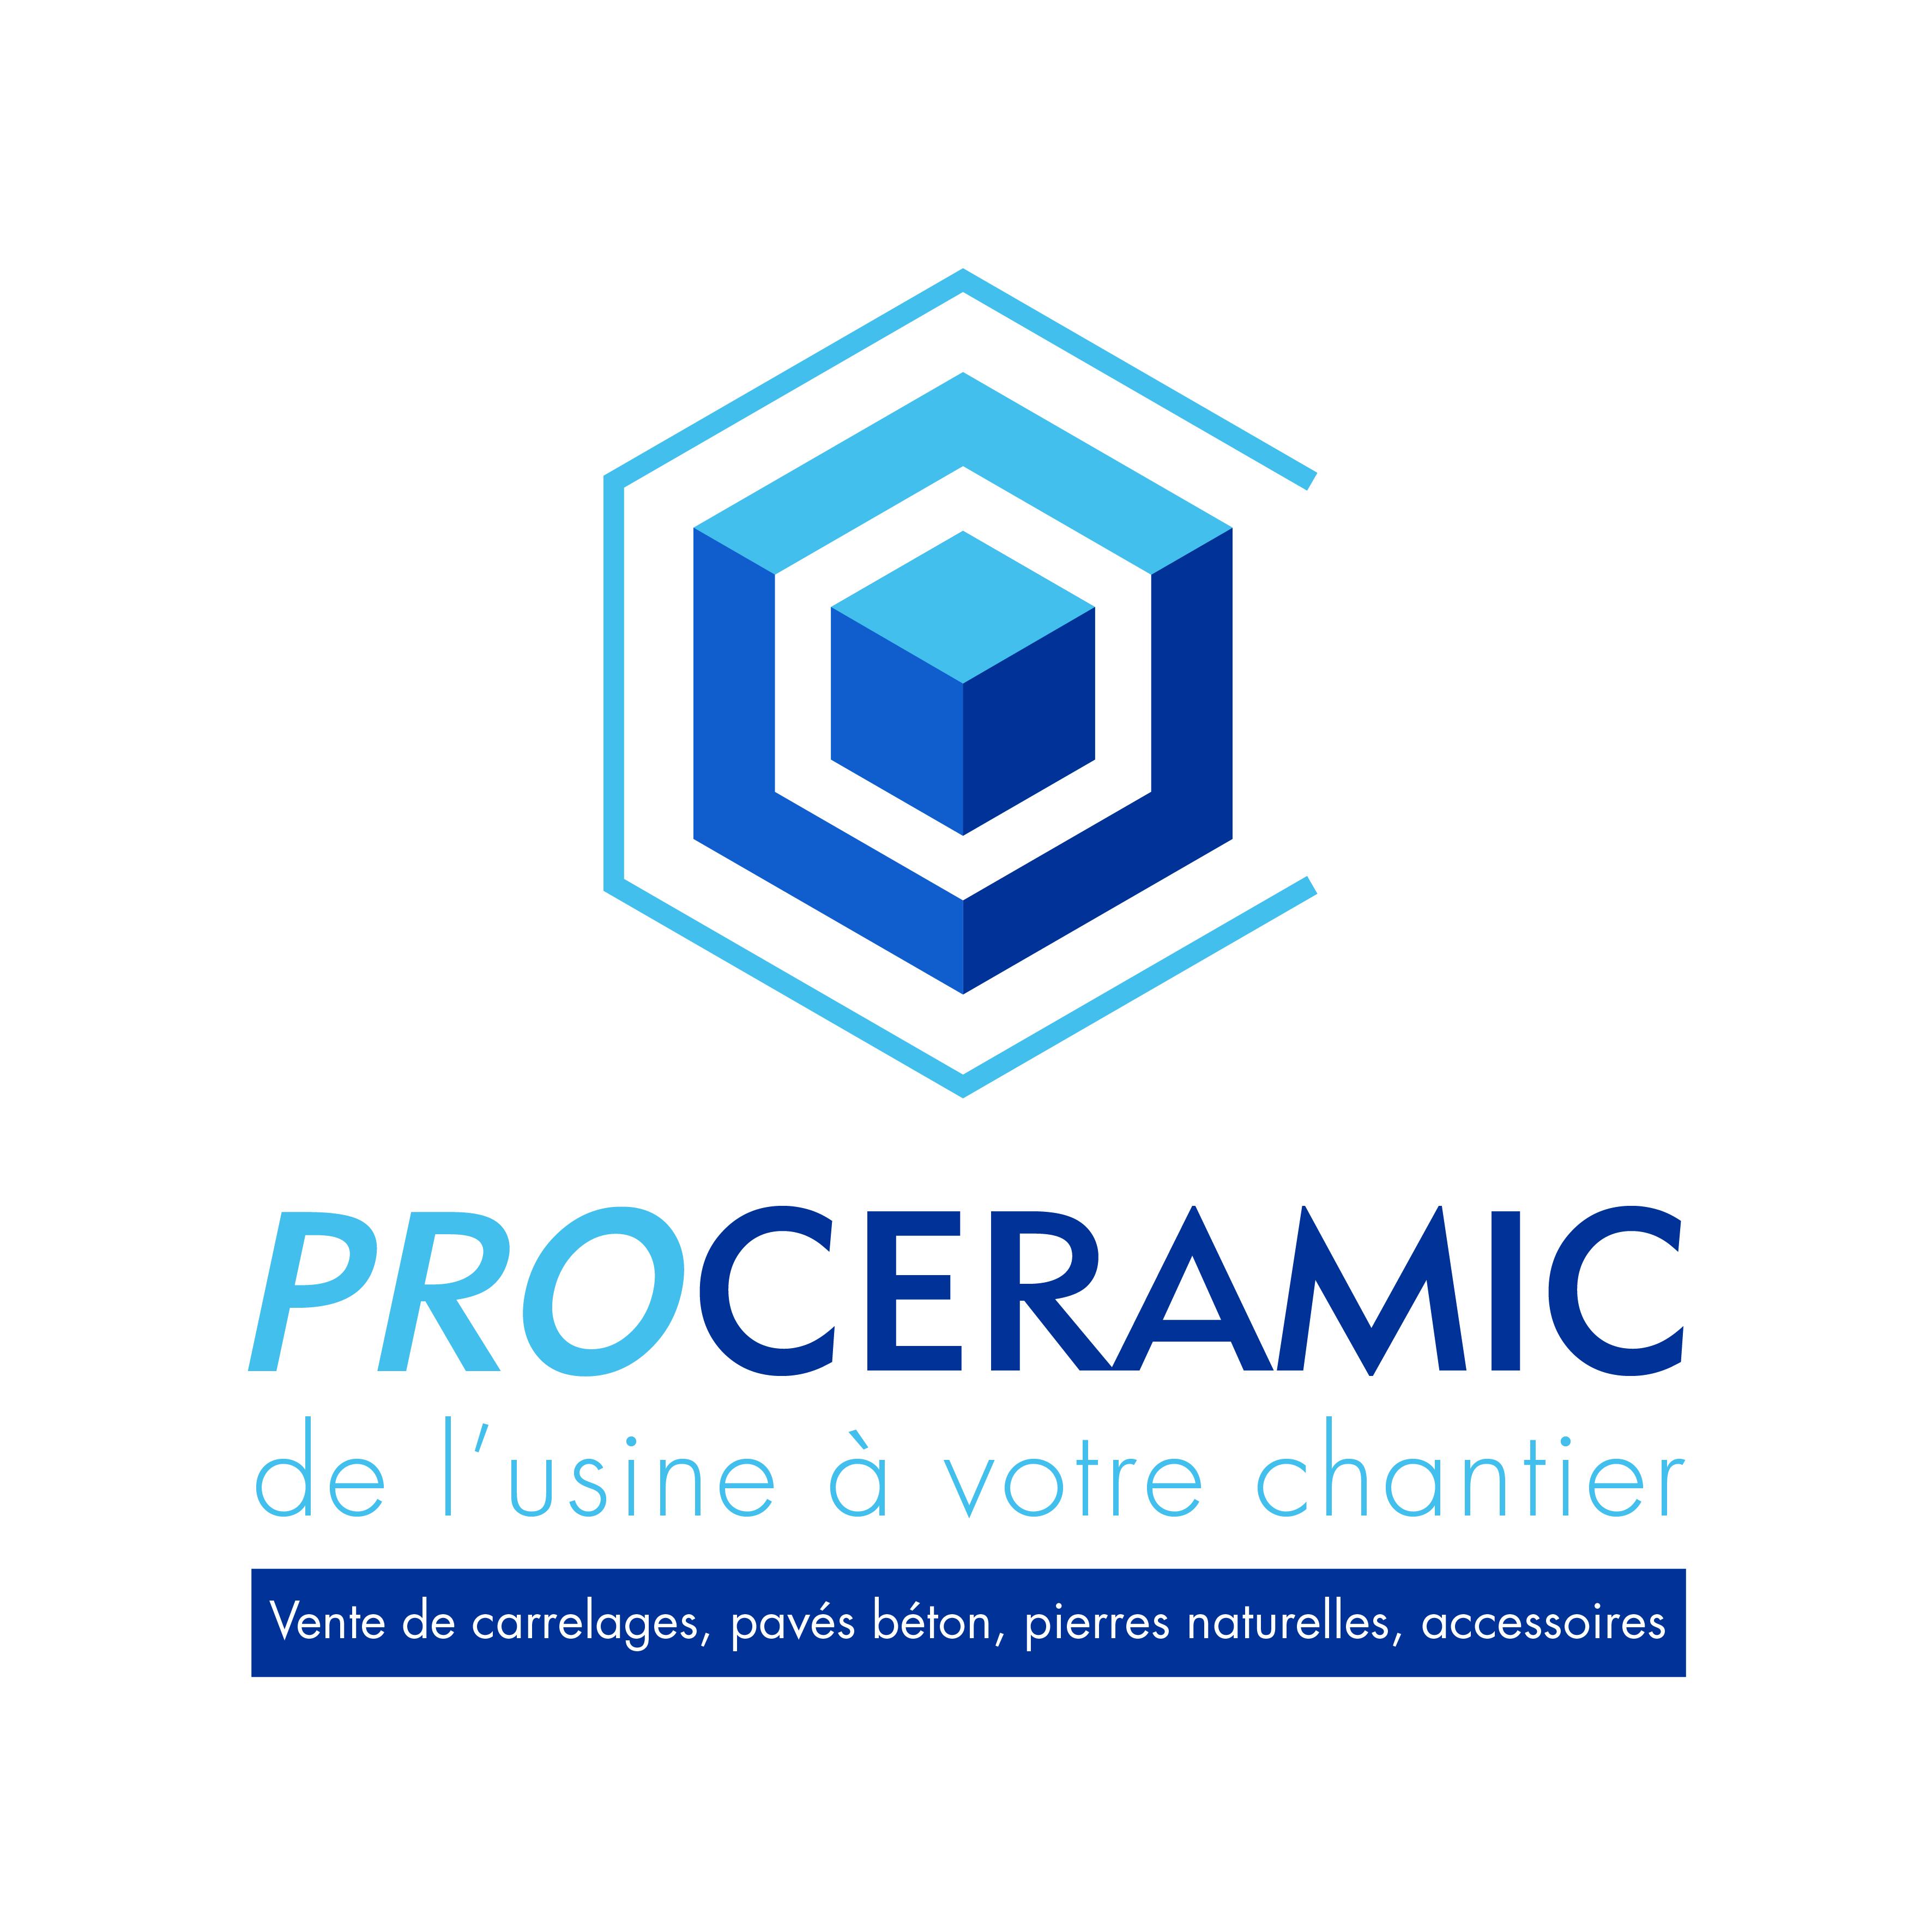 Logo PROCERAMIC-01